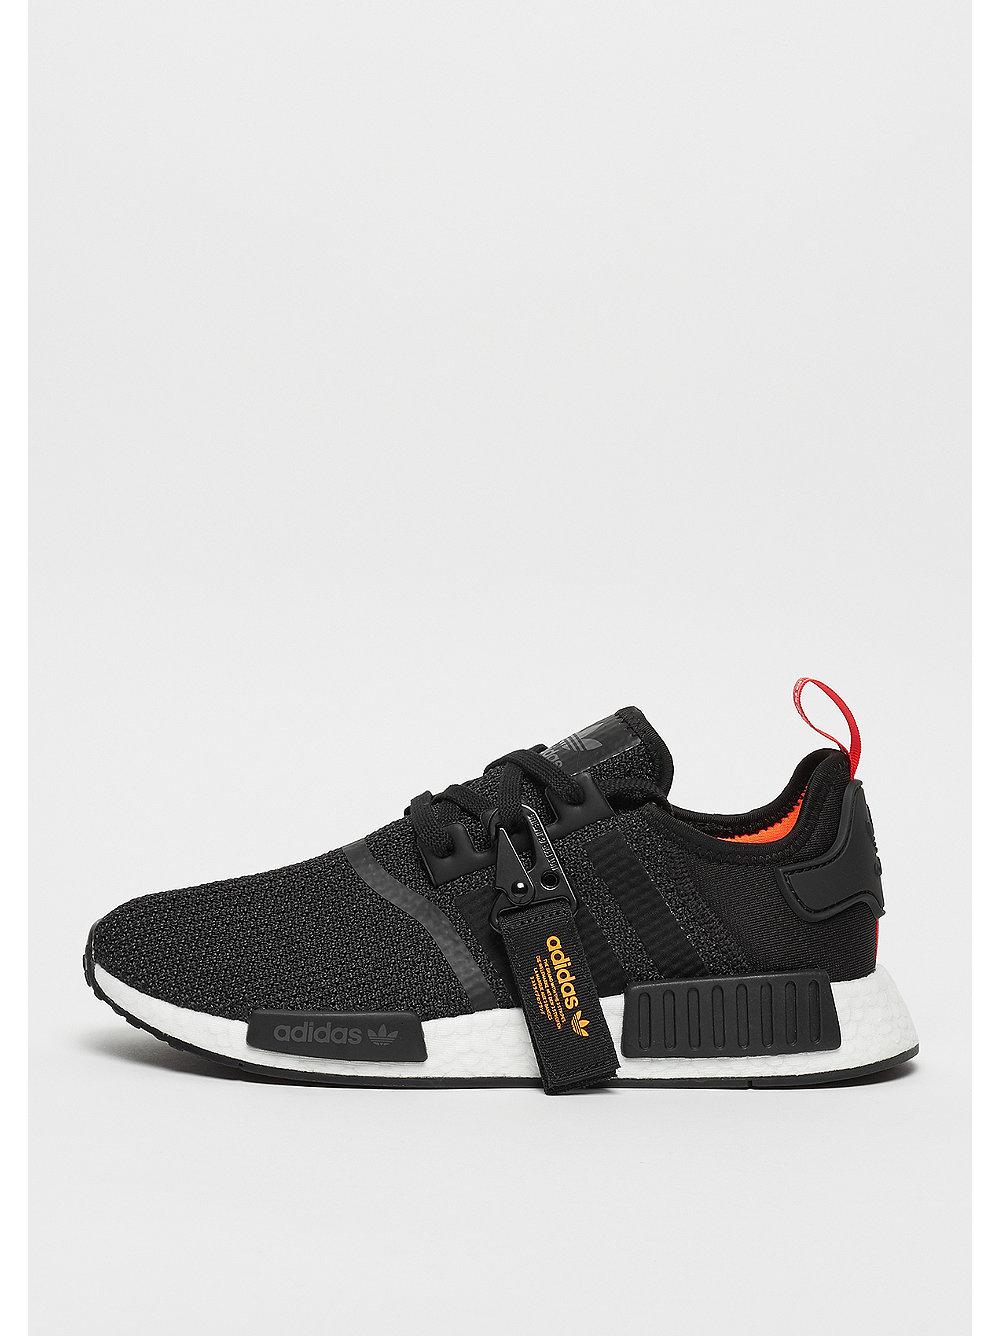 Bei Von Sneaker Black Adidas Snipes Nmd Bestellen r1 wHxS4XX 1c37394e1